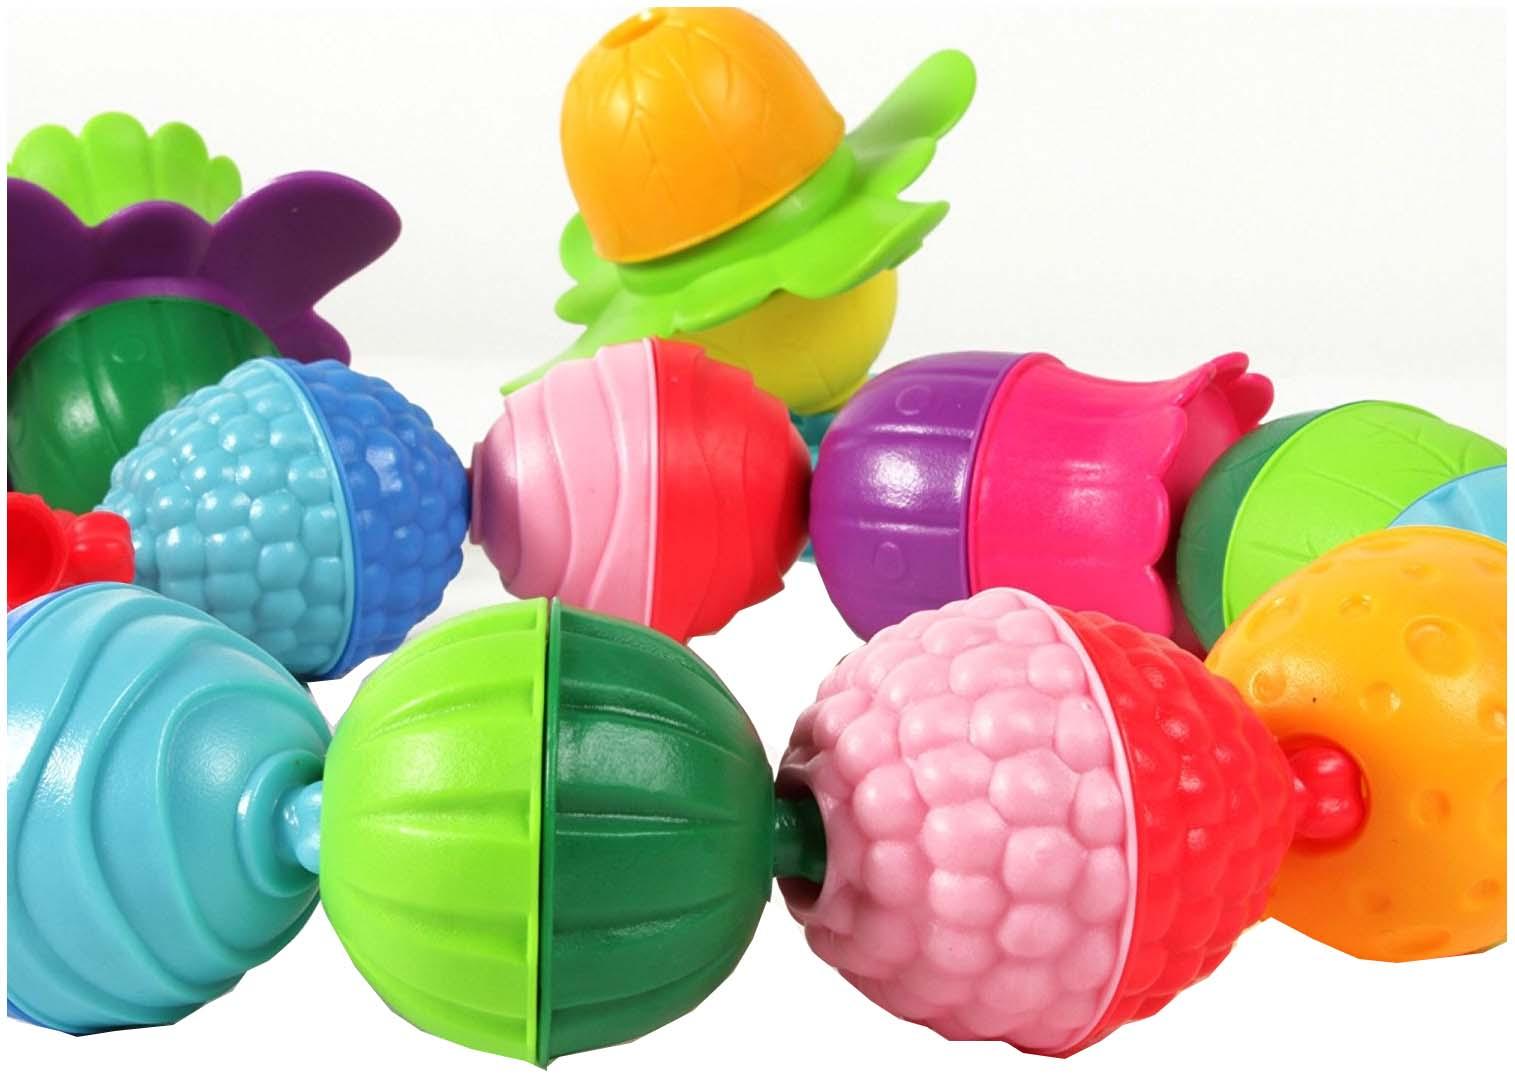 Купить Развивающая игрушка LALABOOM 30 предметов, Интерактивные развивающие игрушки